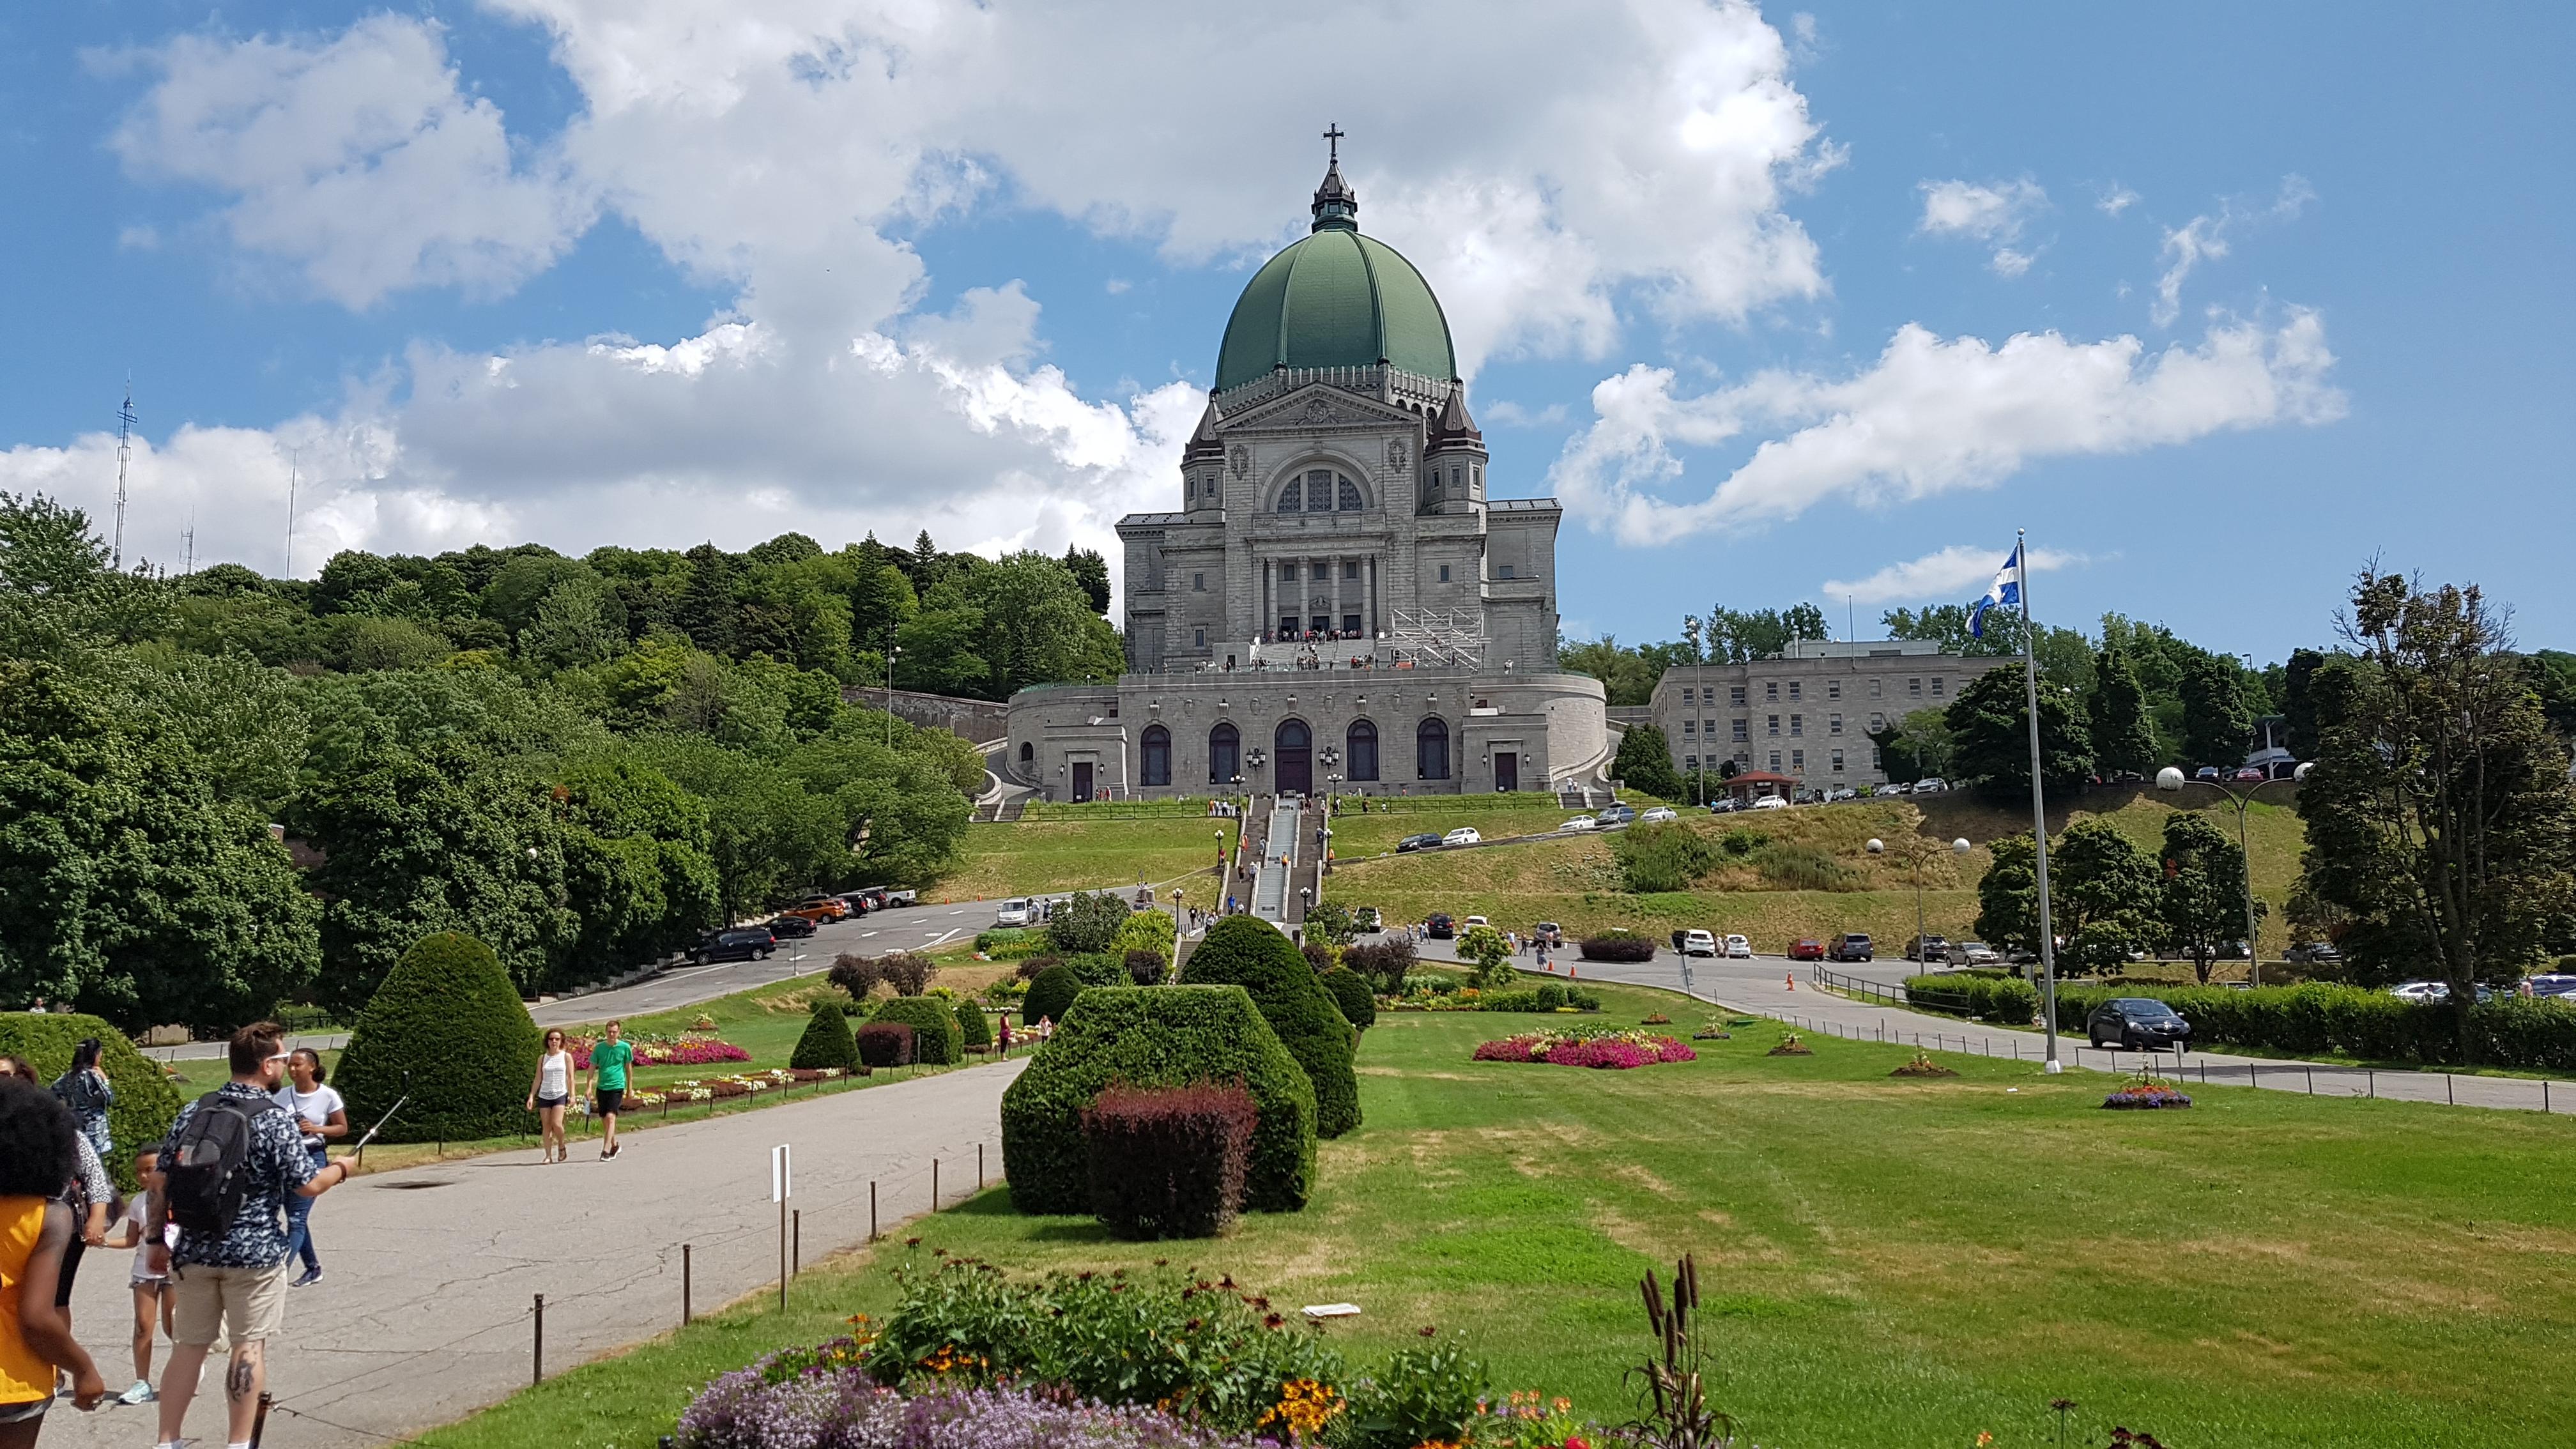 Carnet de voyage: Montréal et la Ville de Québec